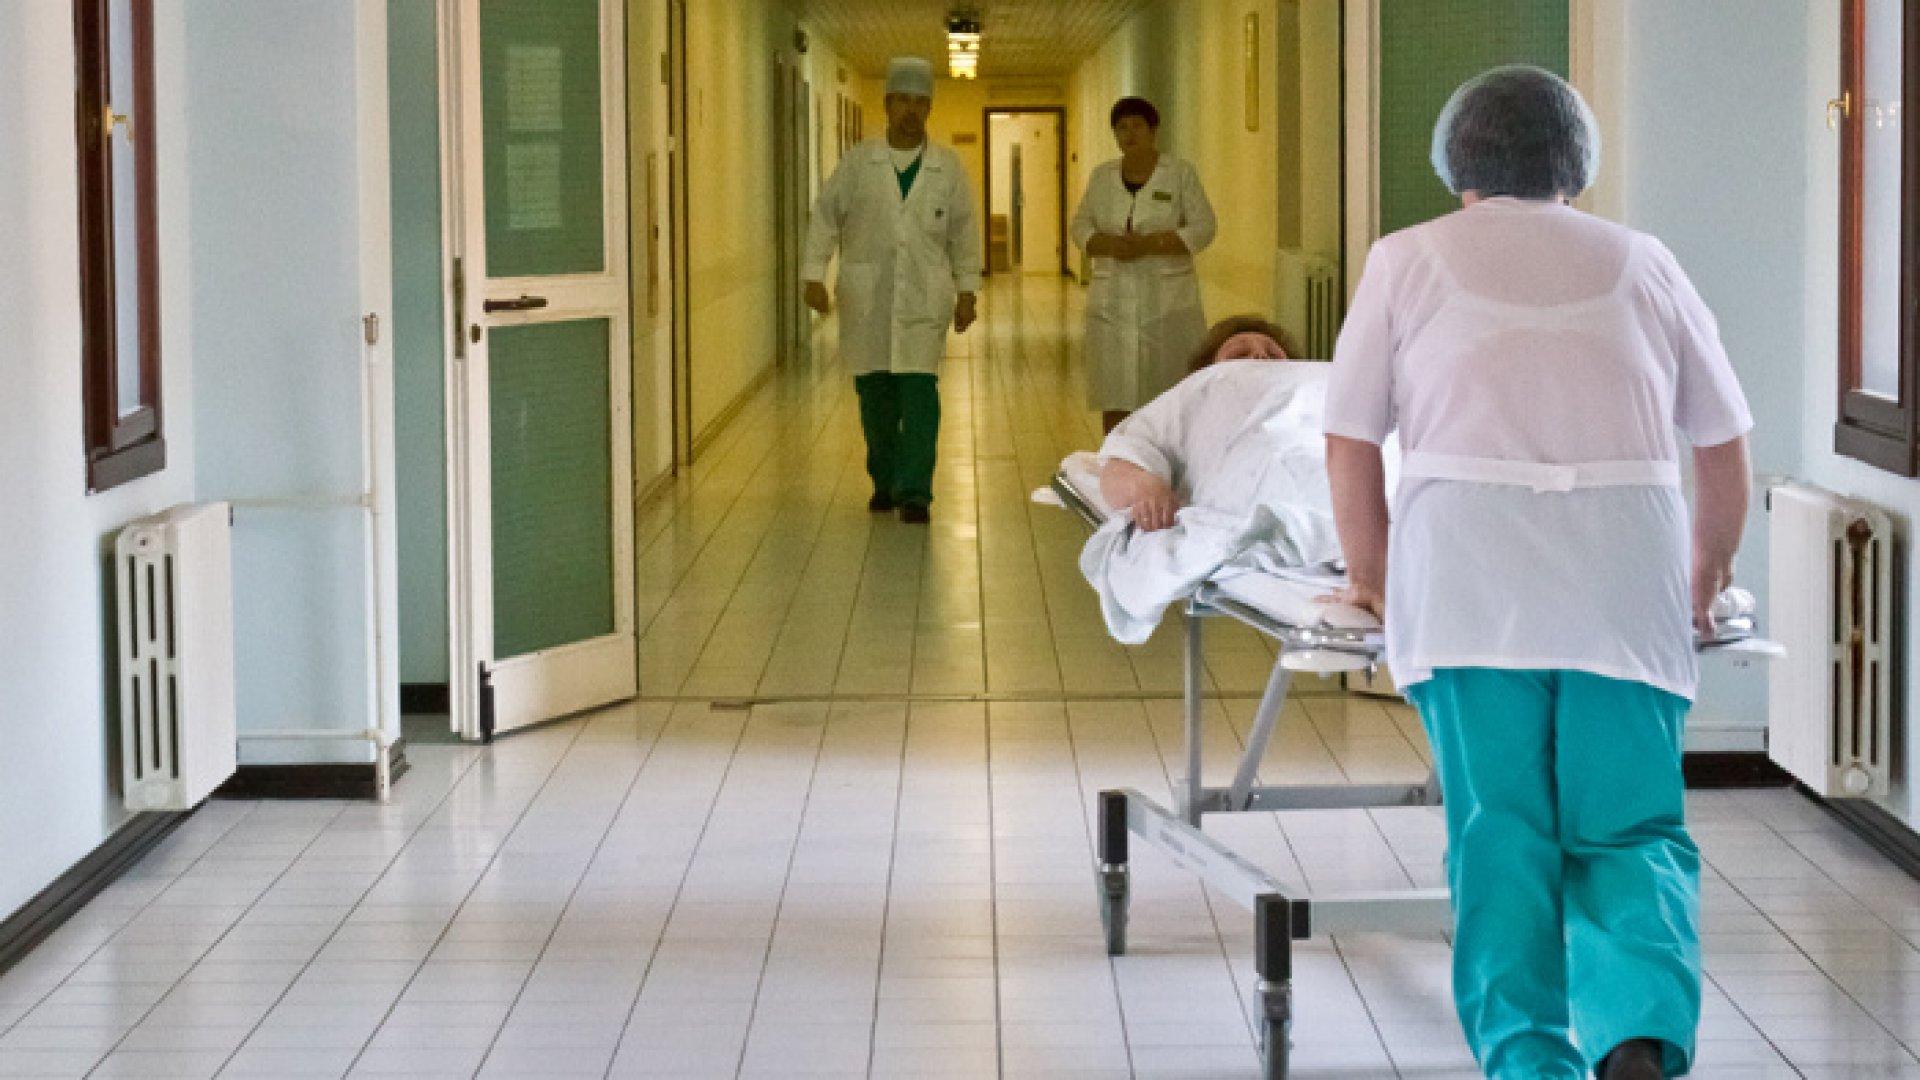 В реанимации ЗЦРБ скончалась пенсионерка попавшая под колеса водителя из Кардоникской